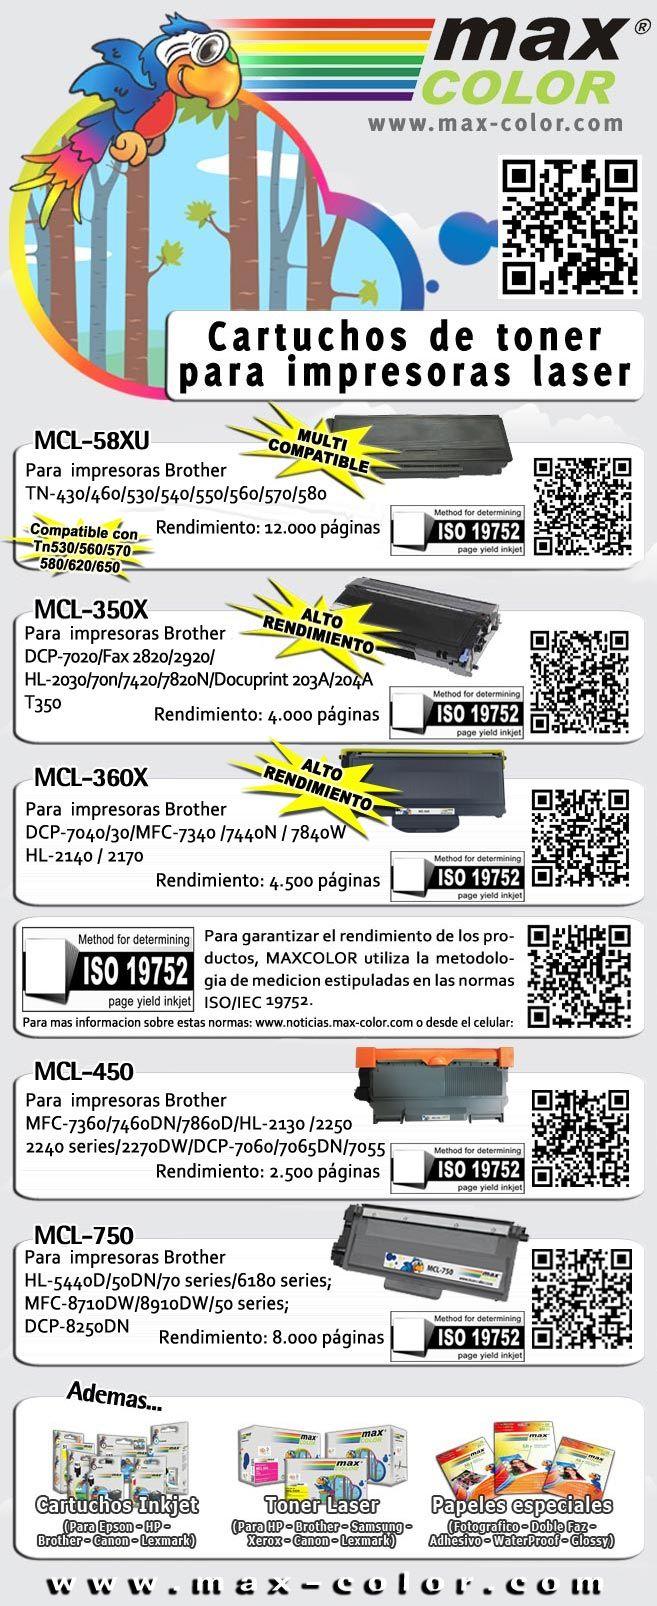 MCL-58U MCL-350X MCL-360X MCL-450 MCL-750